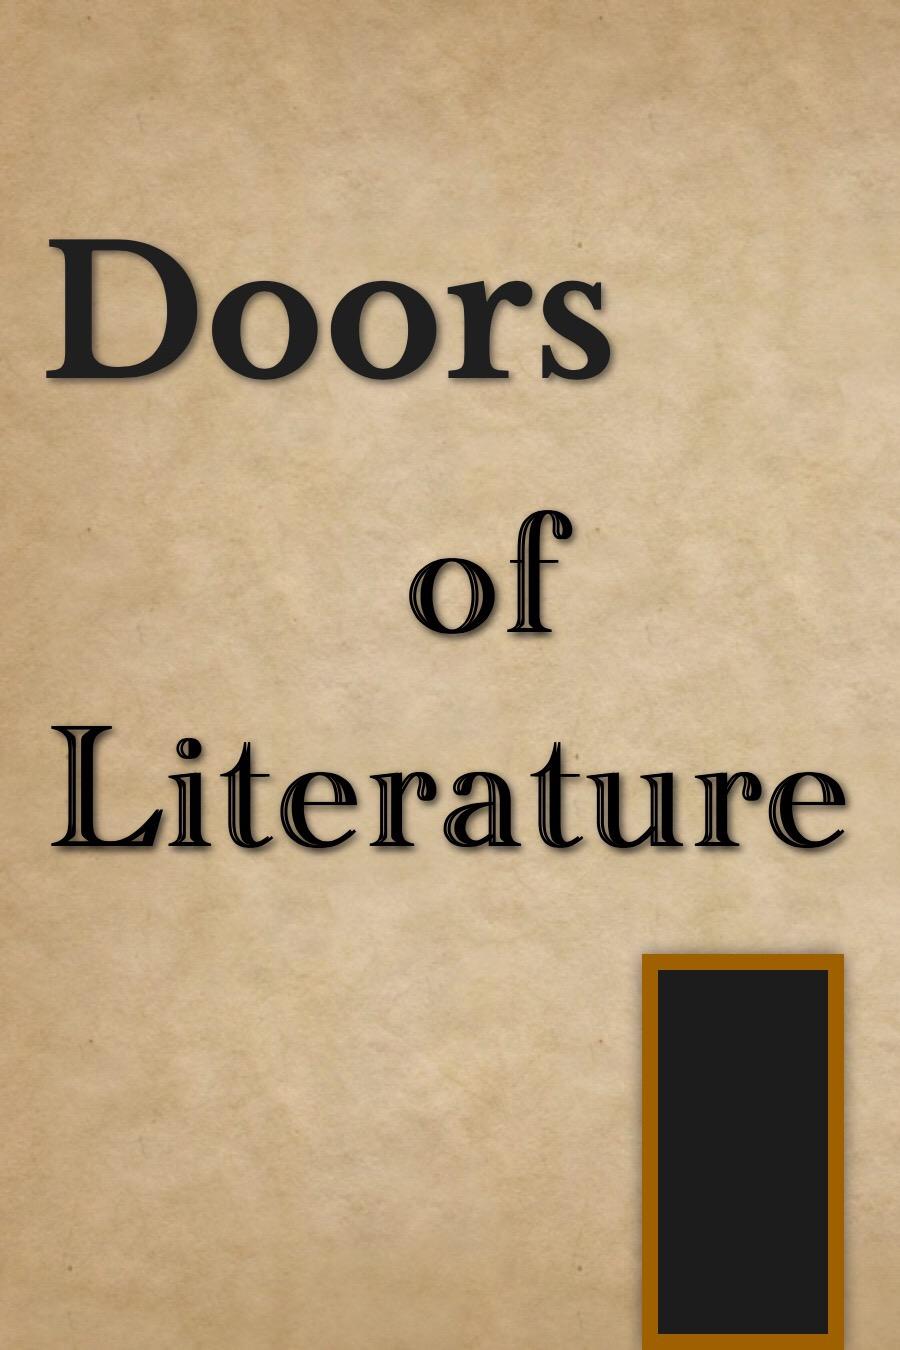 The Doors of Literature